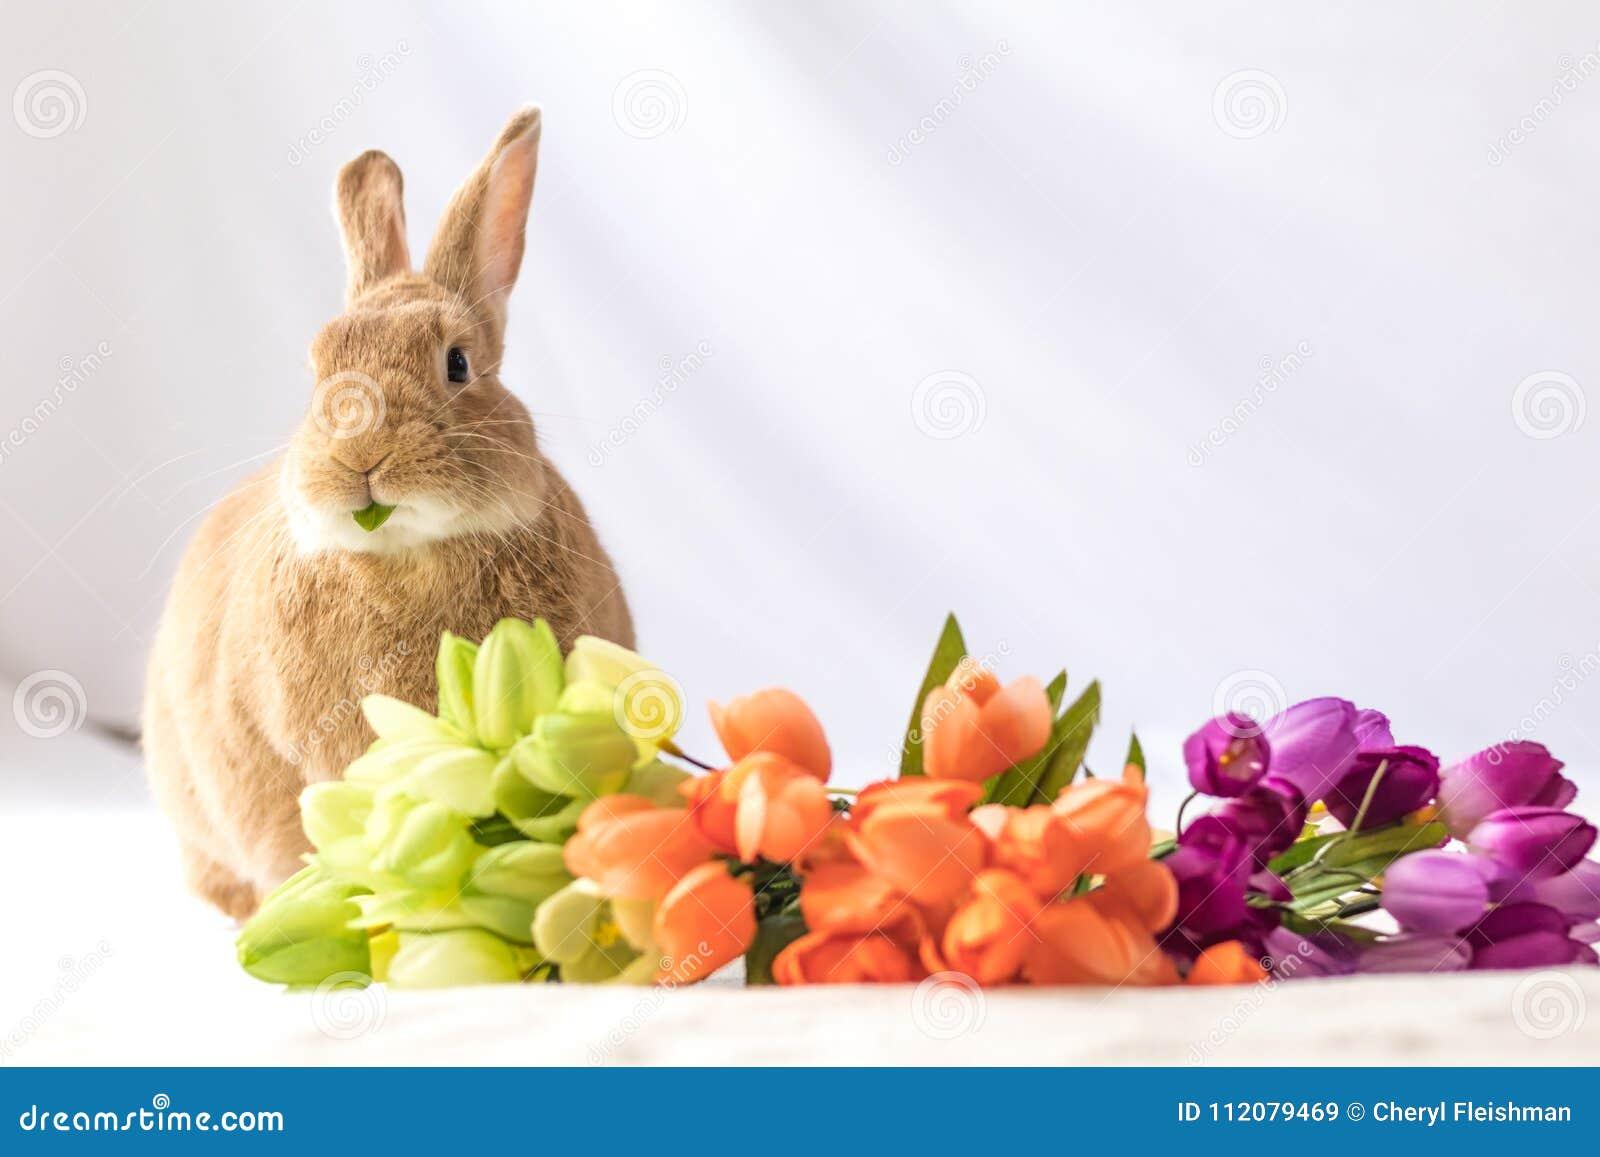 Tan和Rufus色的复活节兔子兔子做滑稽的表示反对在葡萄酒设置的软的背景和郁金香花